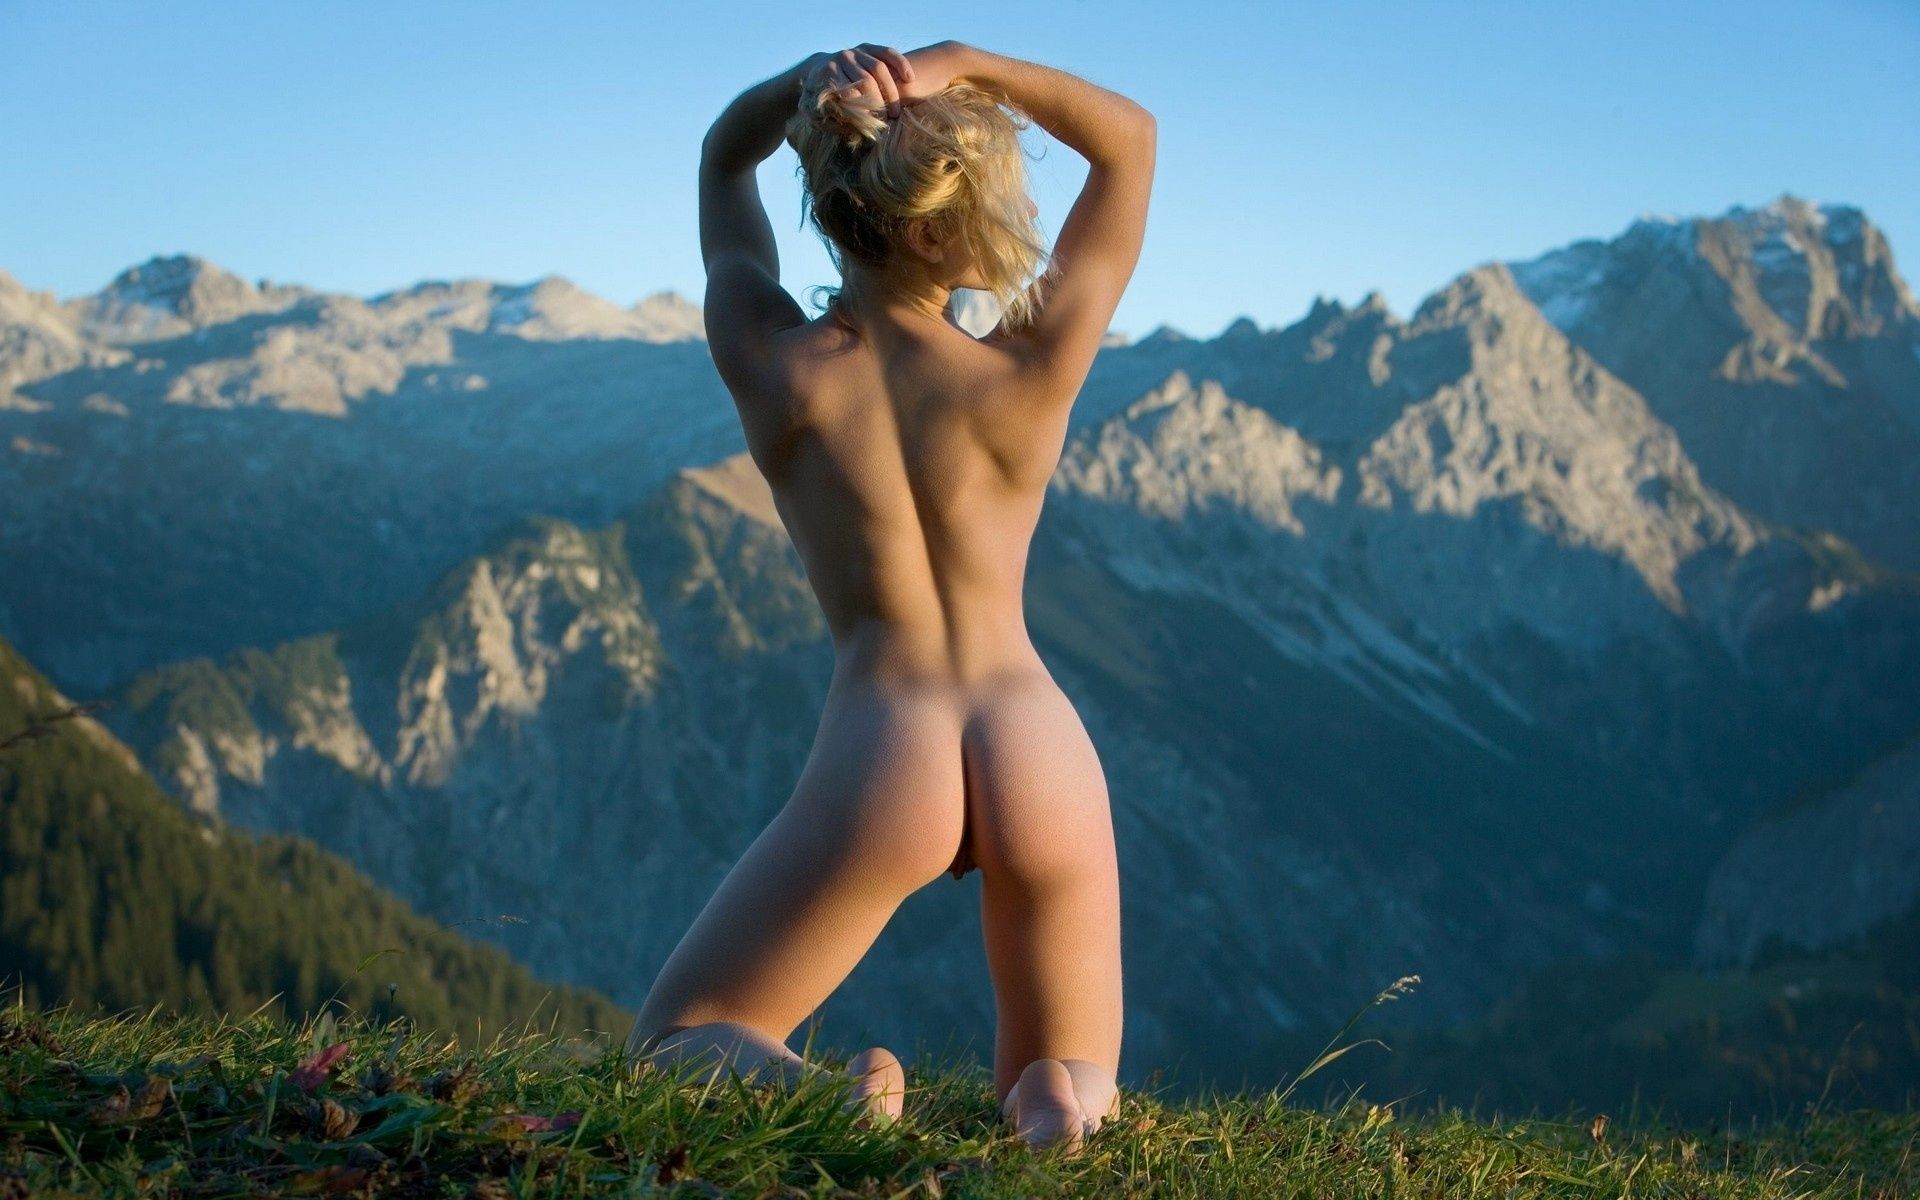 Фото девушек онанисток, Порно мастурбация фото - секс 17 фотография